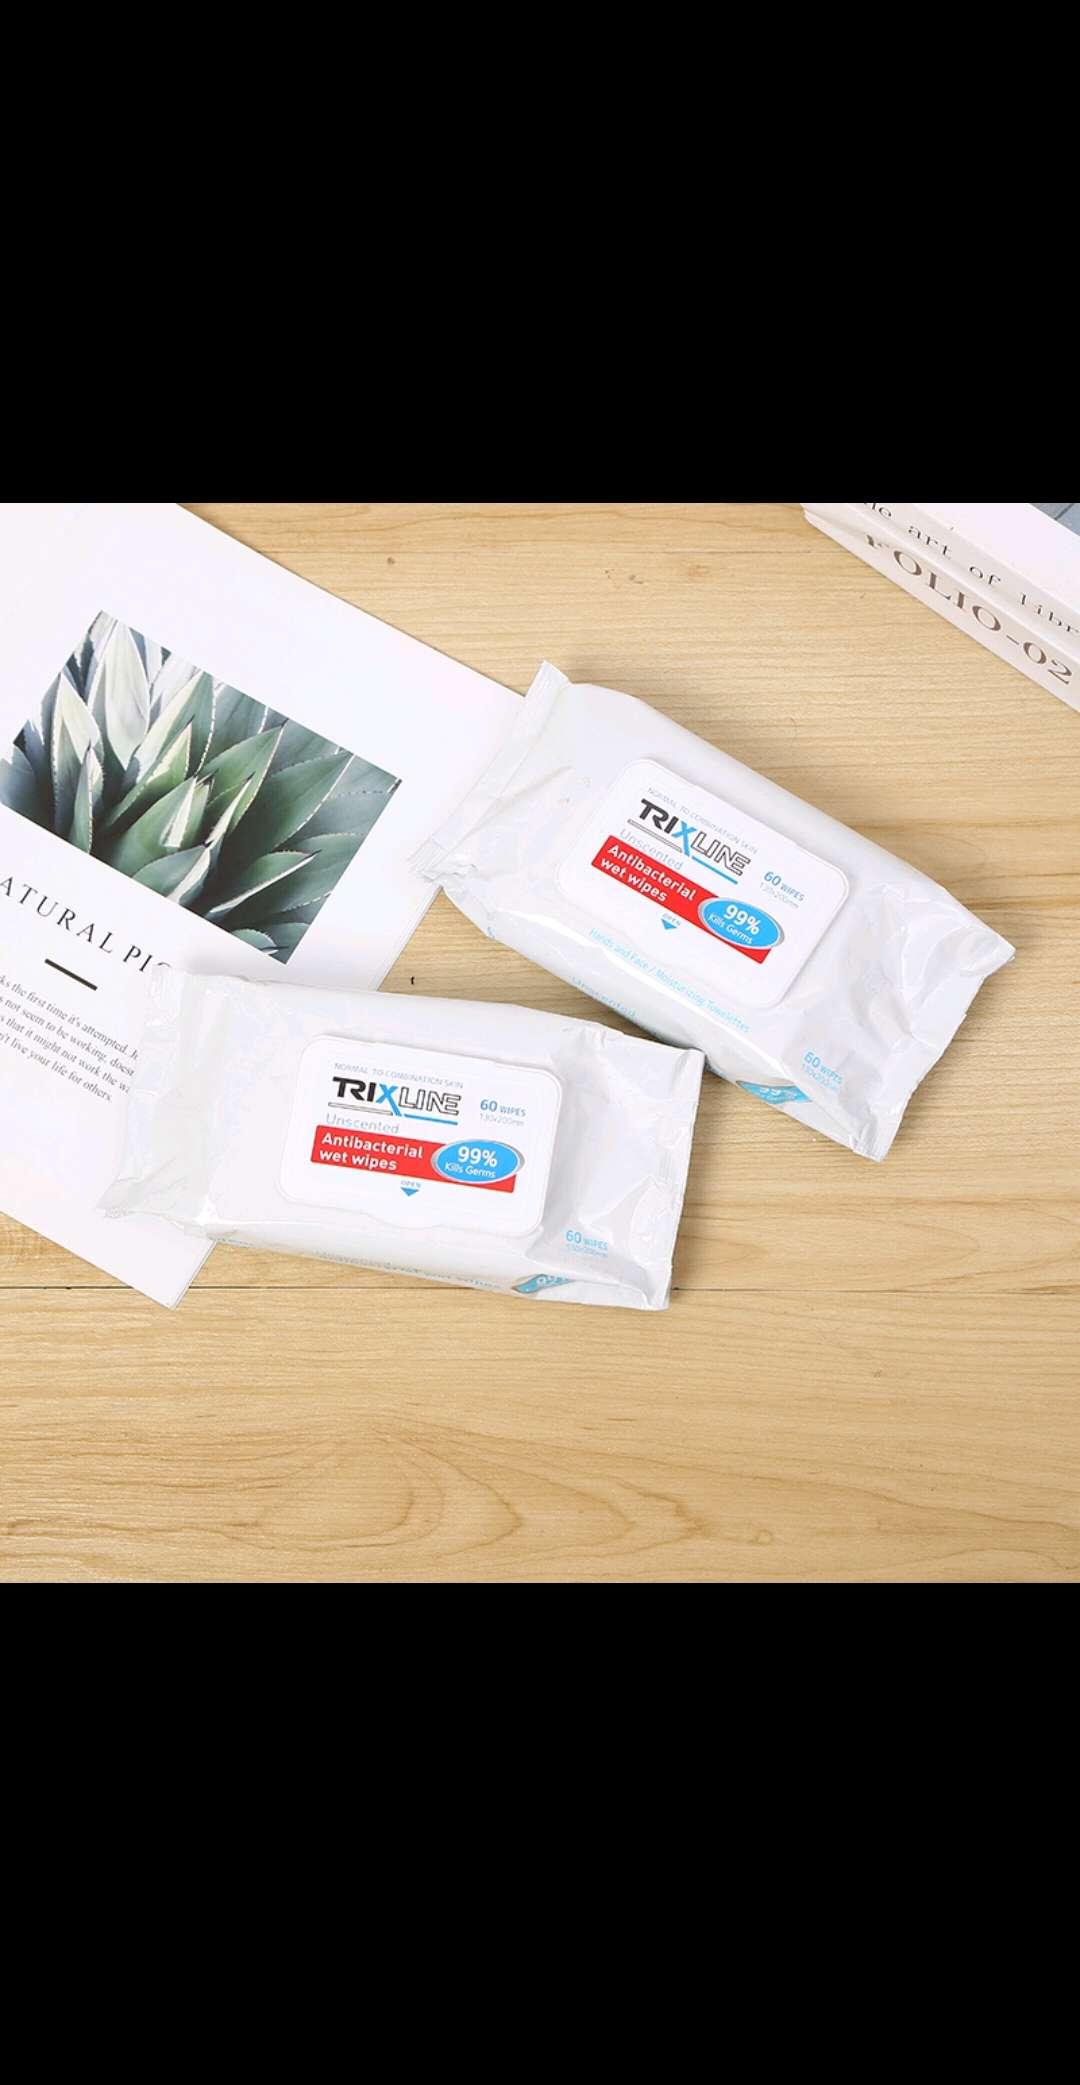 99.99%抗菌湿巾,一次性无纺布湿巾 清洁湿巾 无纺布湿巾